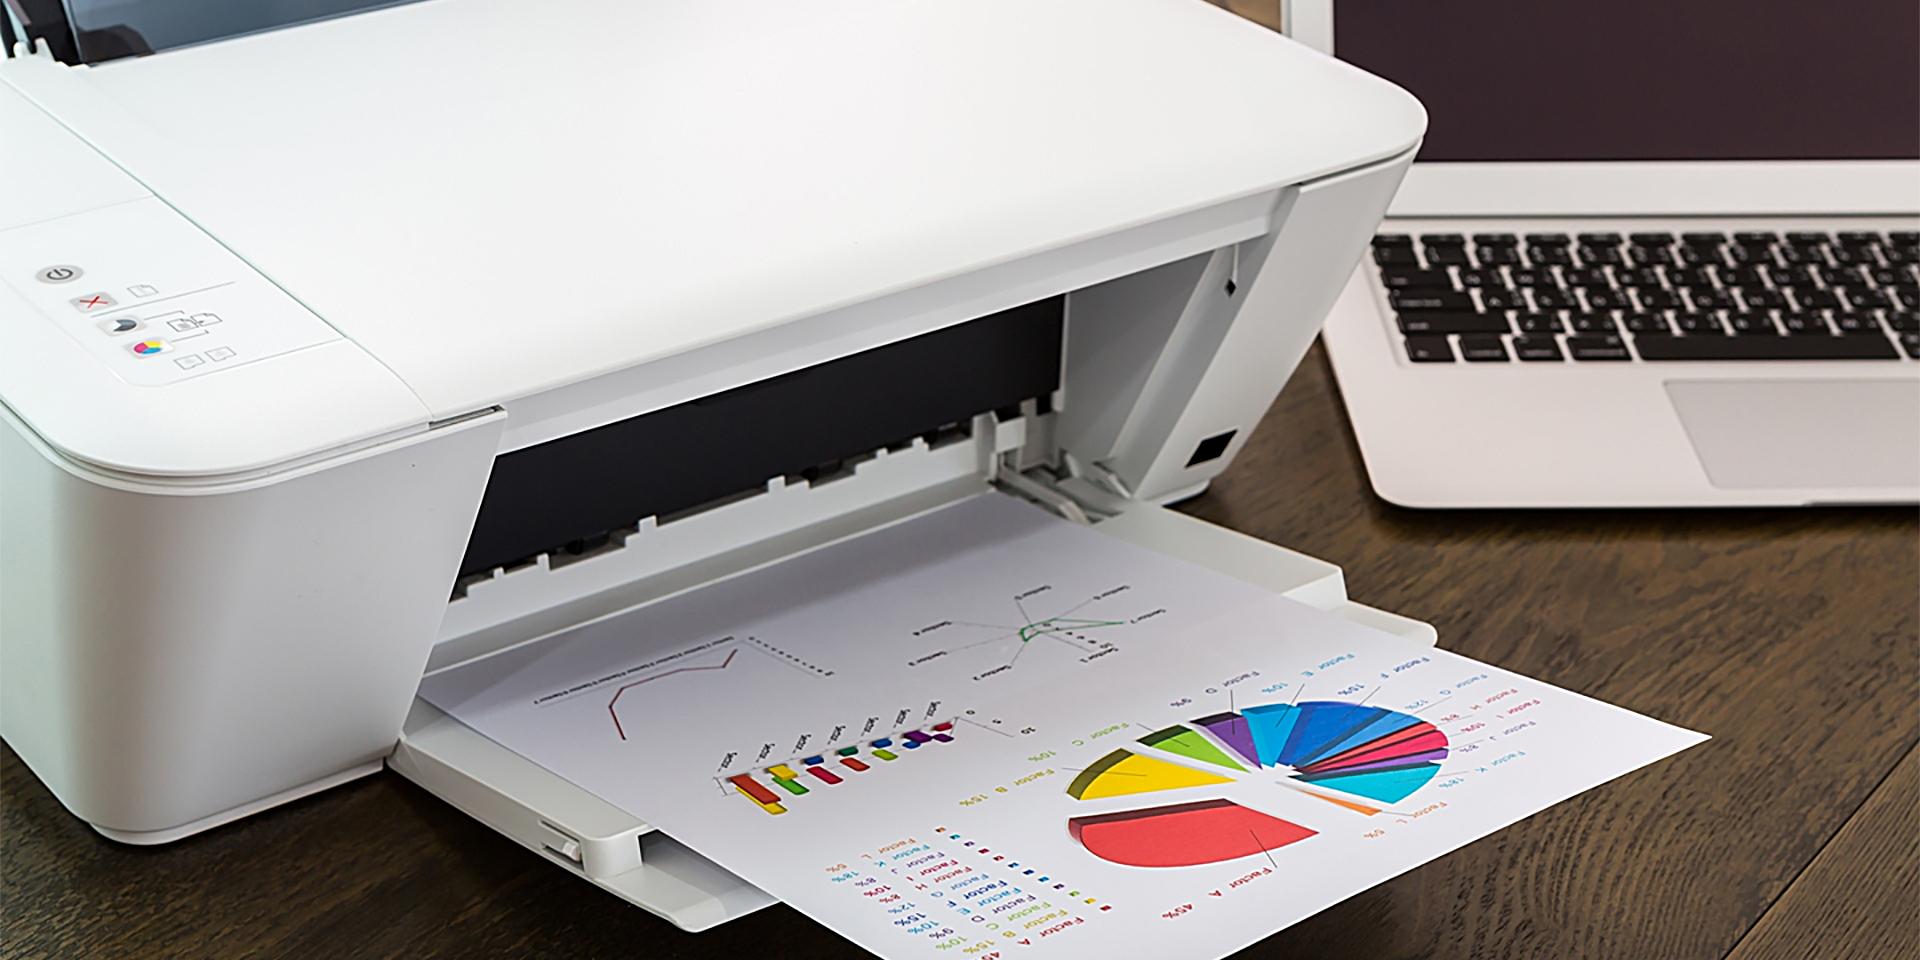 چاپ مدارک از چه راههایی امکانپذیر است؟